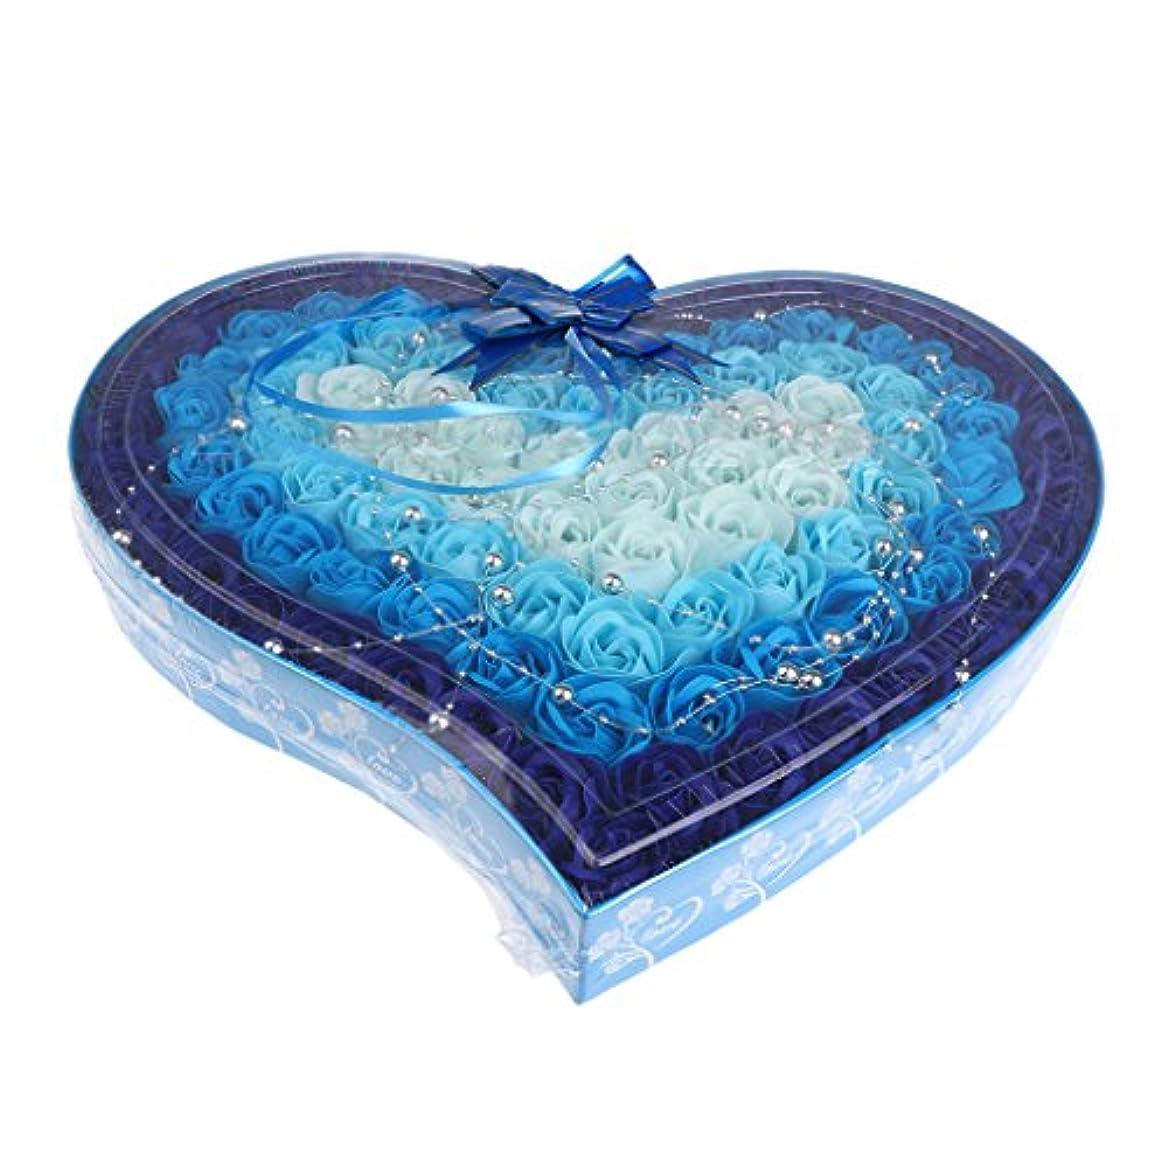 にぎやか話す死すべき石鹸の花 母の日 プレゼント 石鹸 お花 枯れないお花 心の形 ギフトボックス 約100個 プレゼント 4色選択可 - 青